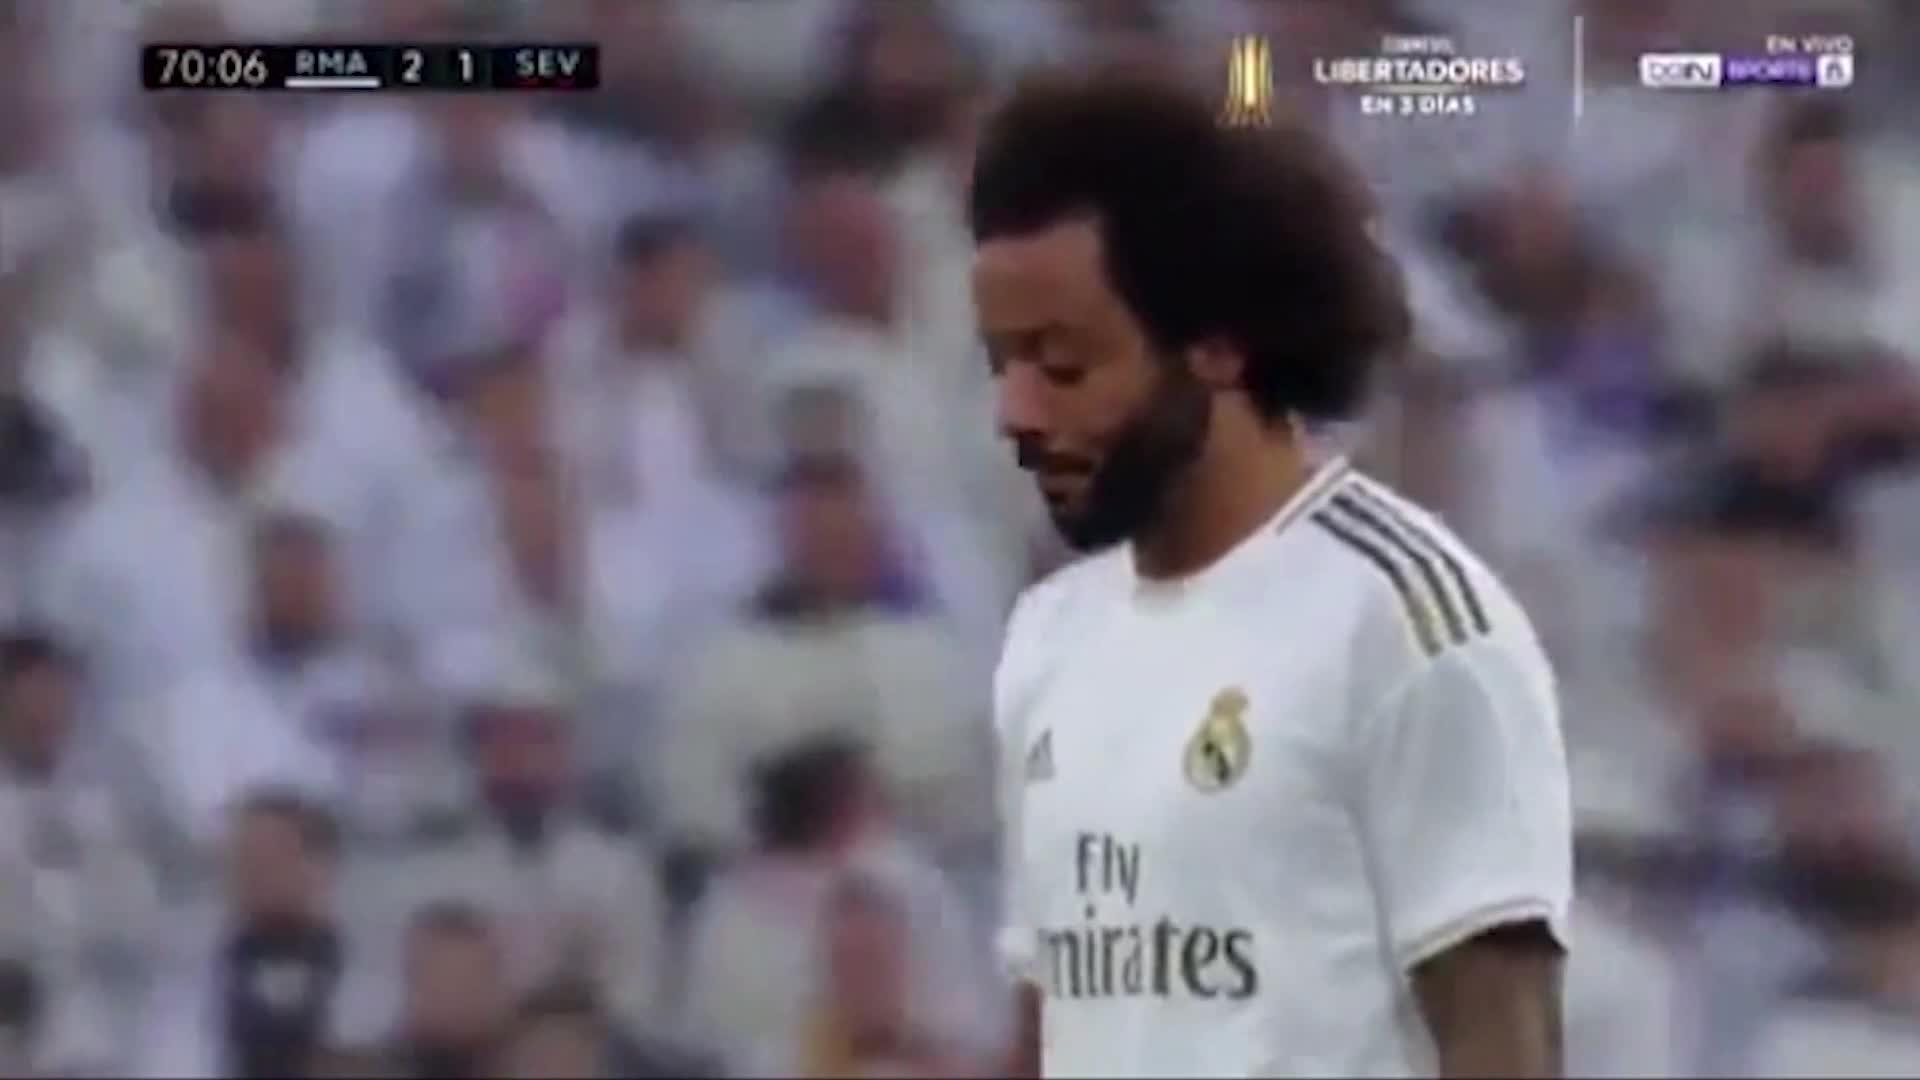 Hinchas pifian a Marcelo y el defensor derrama lágrimas